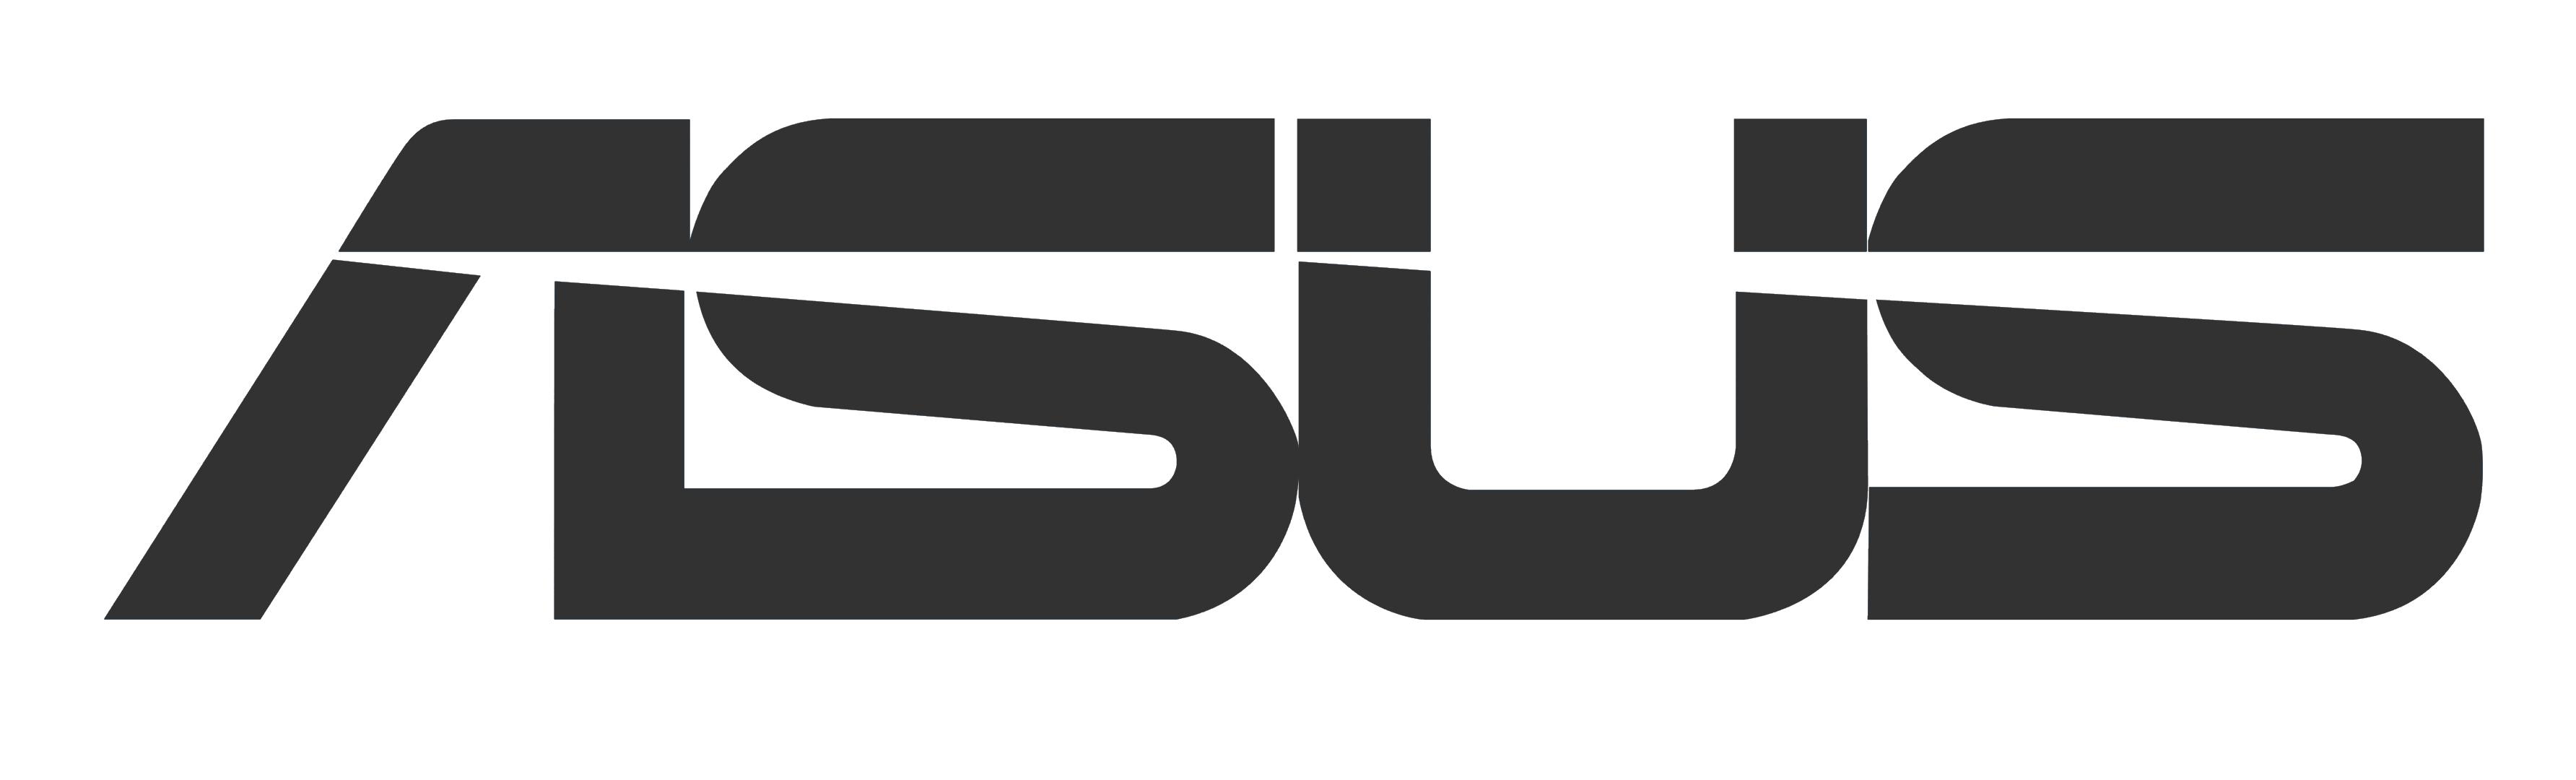 Vorschau: ASUS Warranty Extension Package Global - Serviceerweiterung - Arbeitszeit und Ersatzteile (für Notebook mit 1 Jahr Abhol- und Rückgabegarantie)